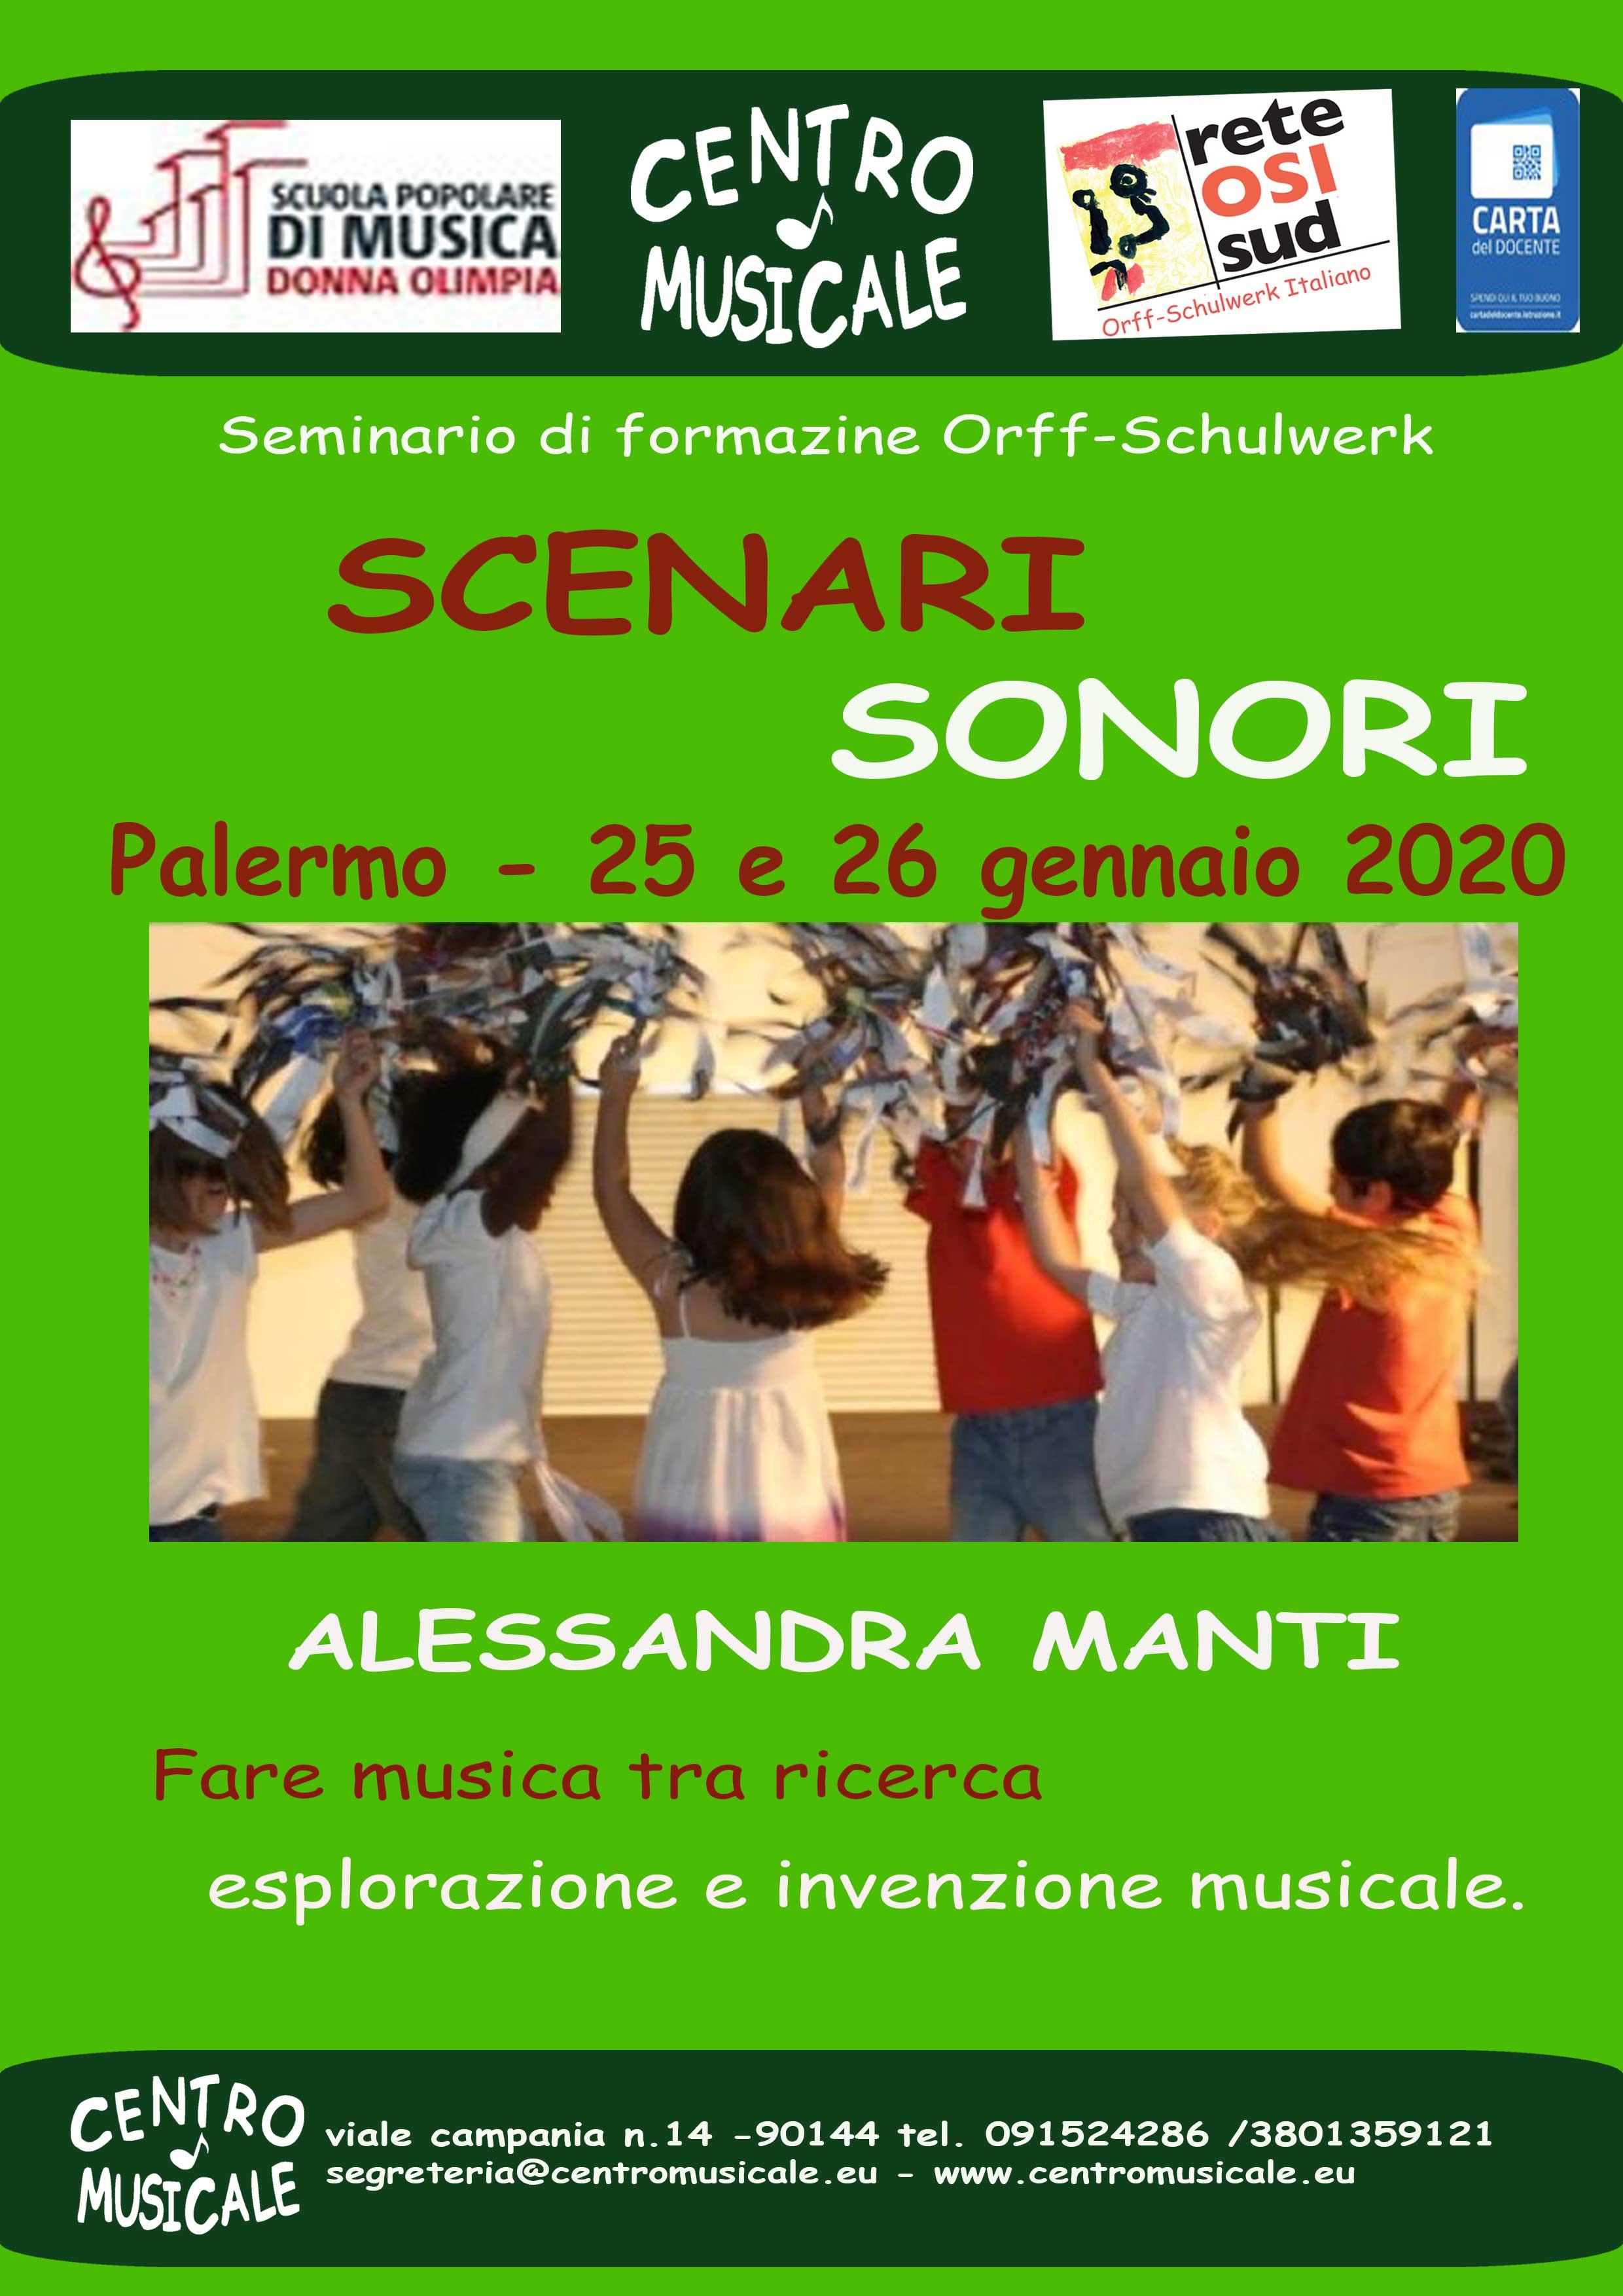 SEMINARIO-SCANARI-SONORI